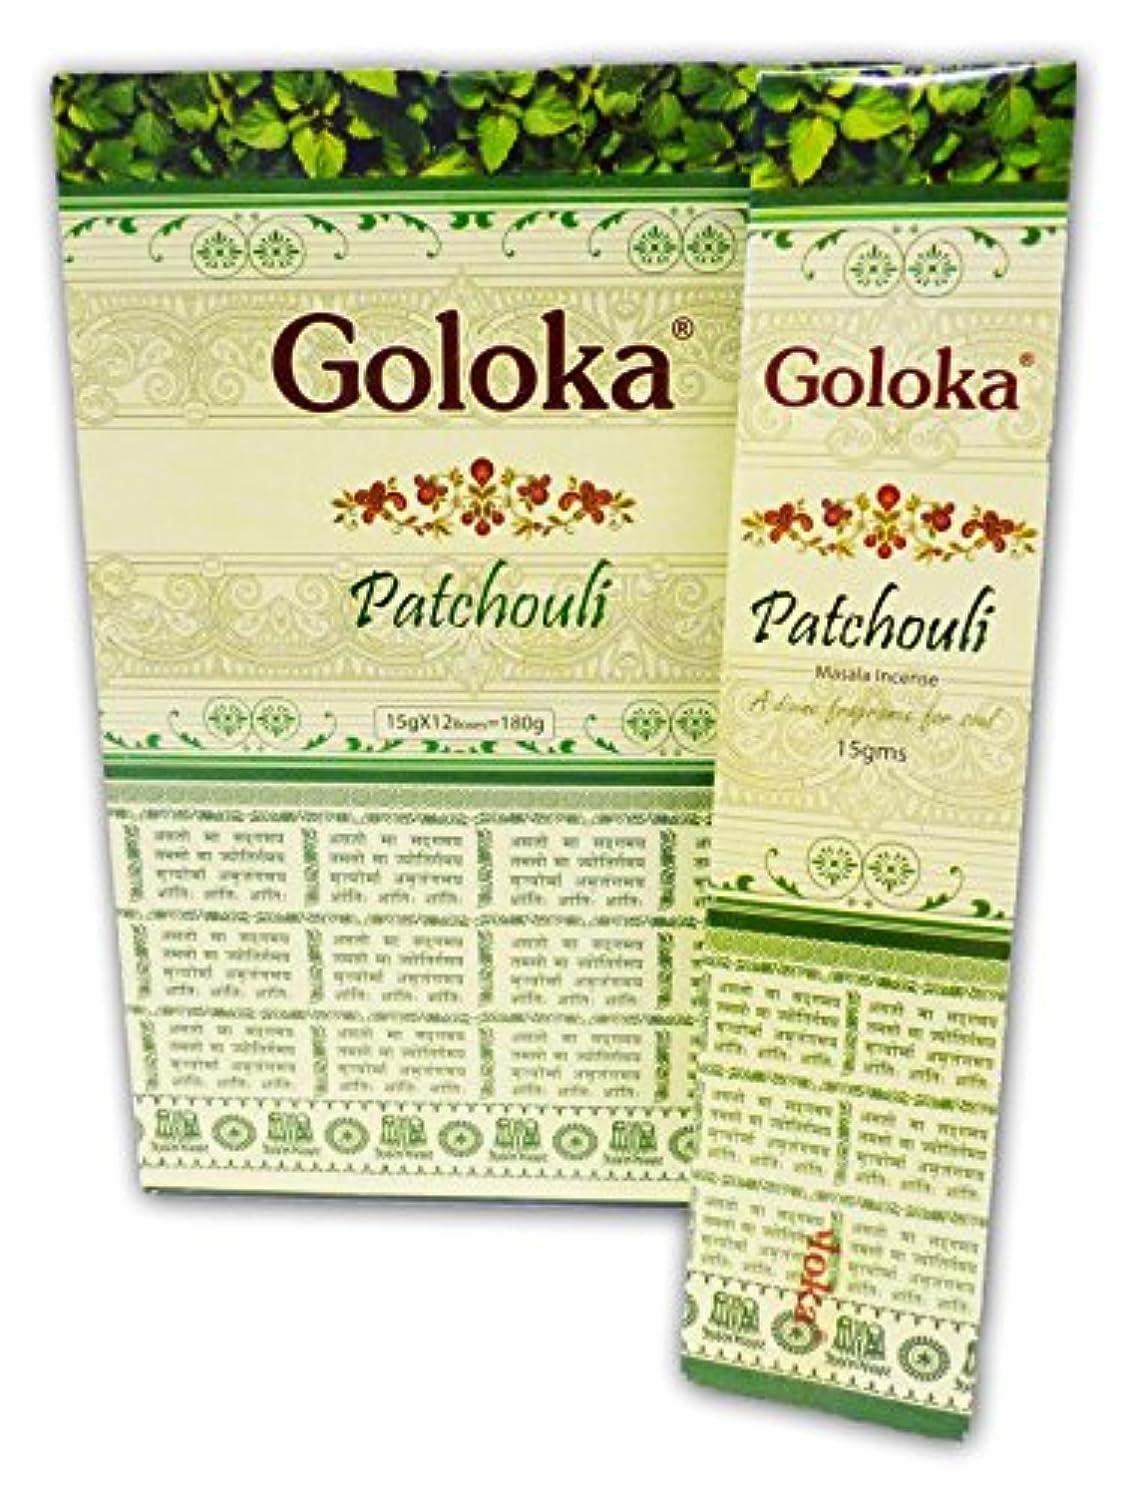 副提供されたどれかGoloka Patchouli Incense, 15 Gms x 12 Packs